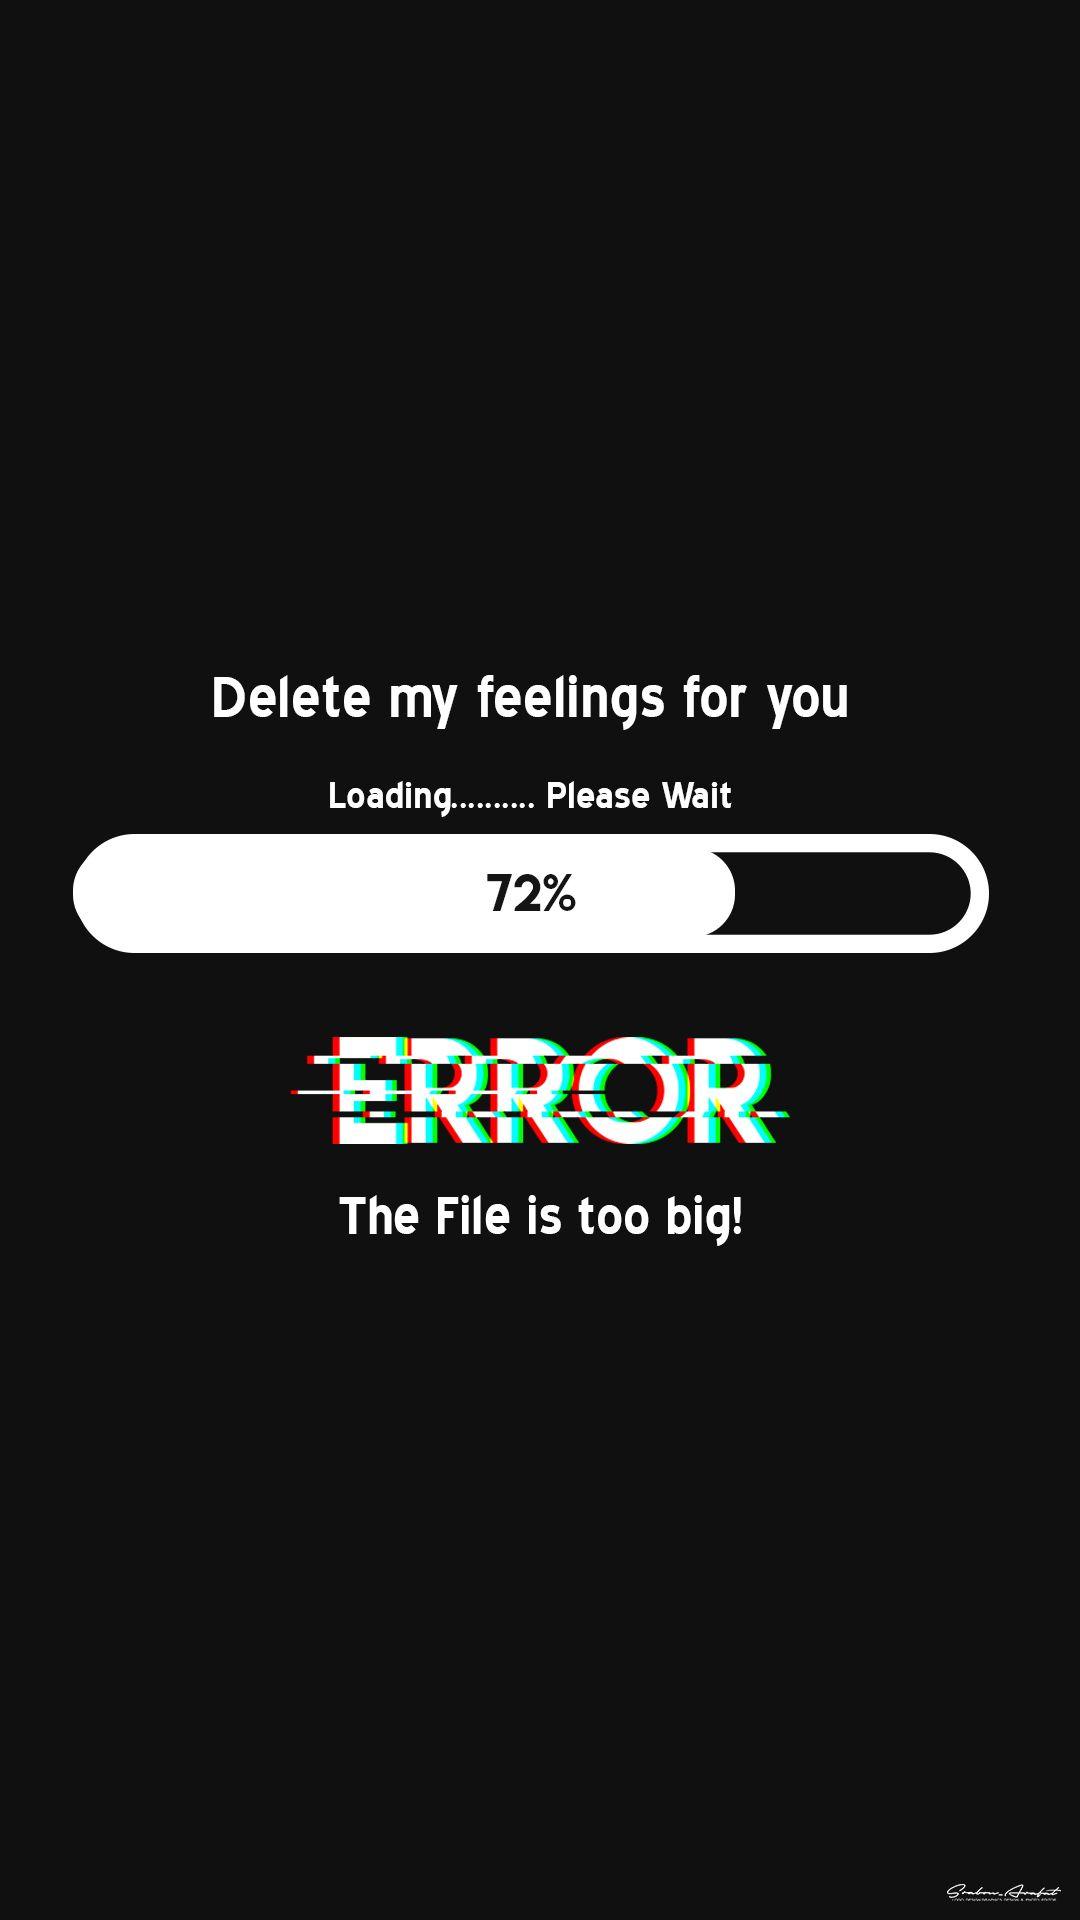 Feelings for you